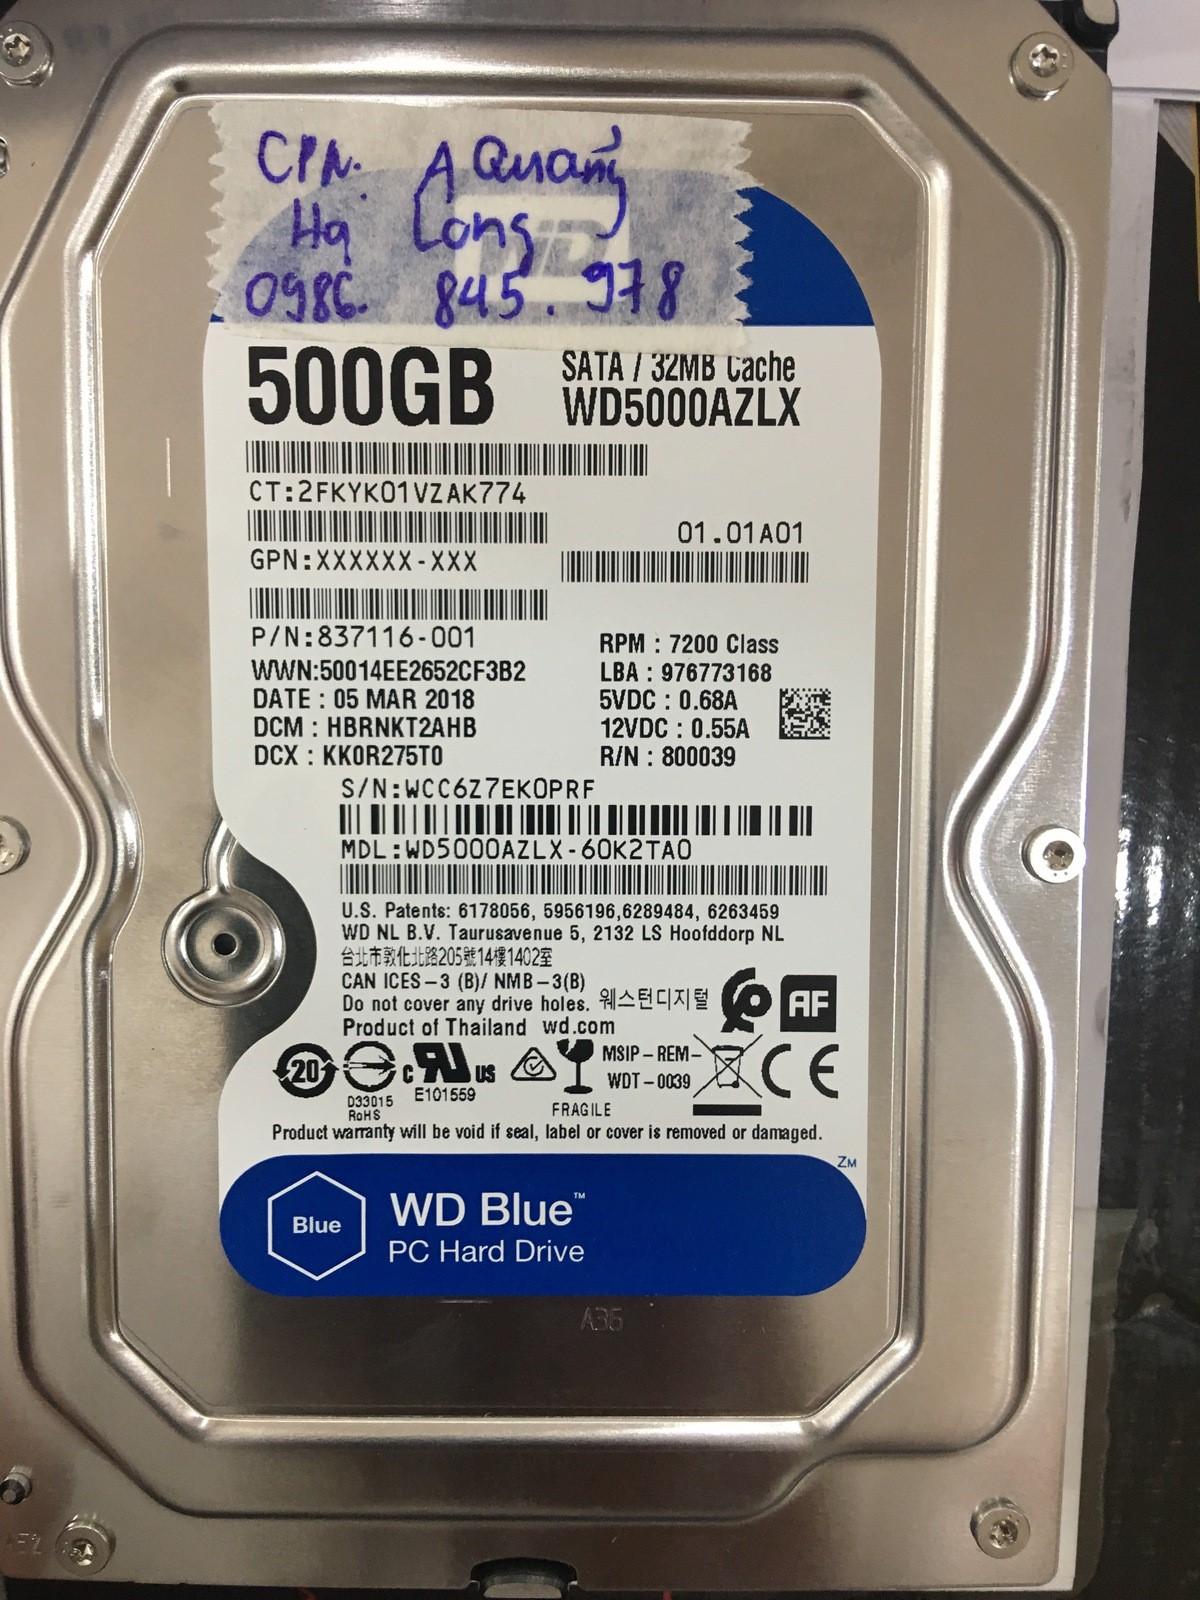 Khôi phục dữ liệu ổ cứng Western 500GB mất dữ liệu tại Quảng Ninh 12/09/2020 - cuumaytinh